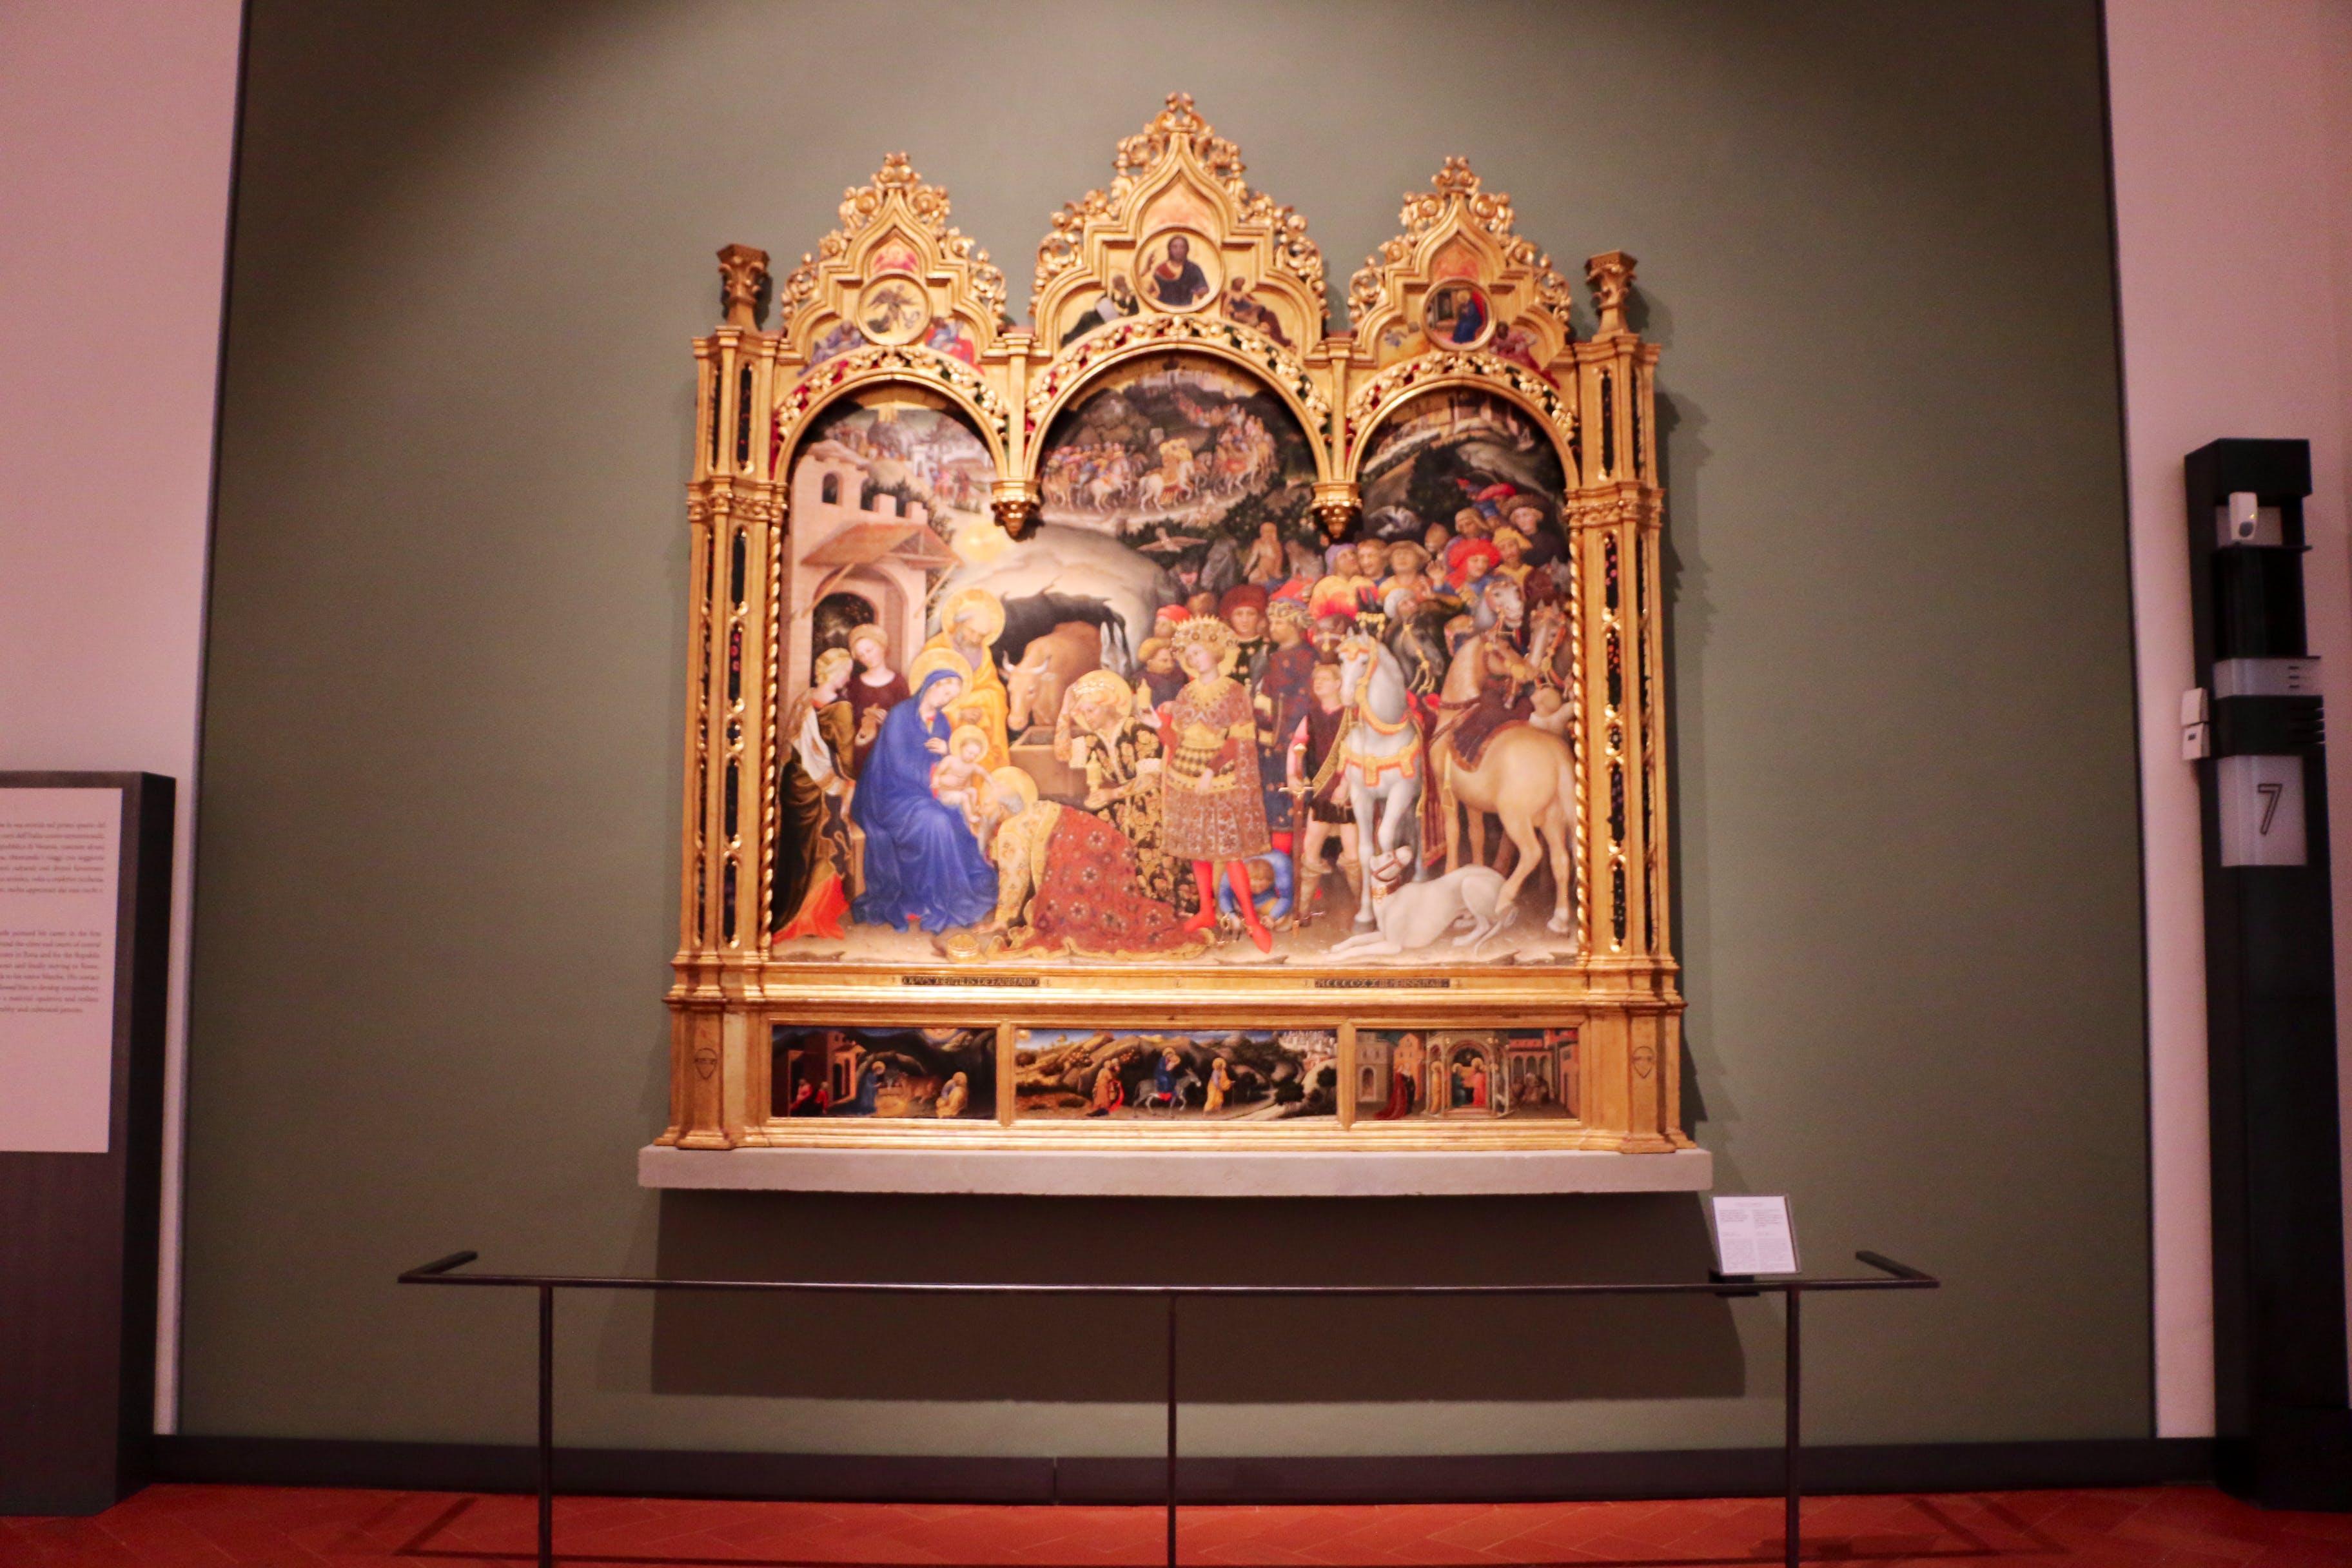 uffizi gallery  galleria degli uffizi in florence  italy